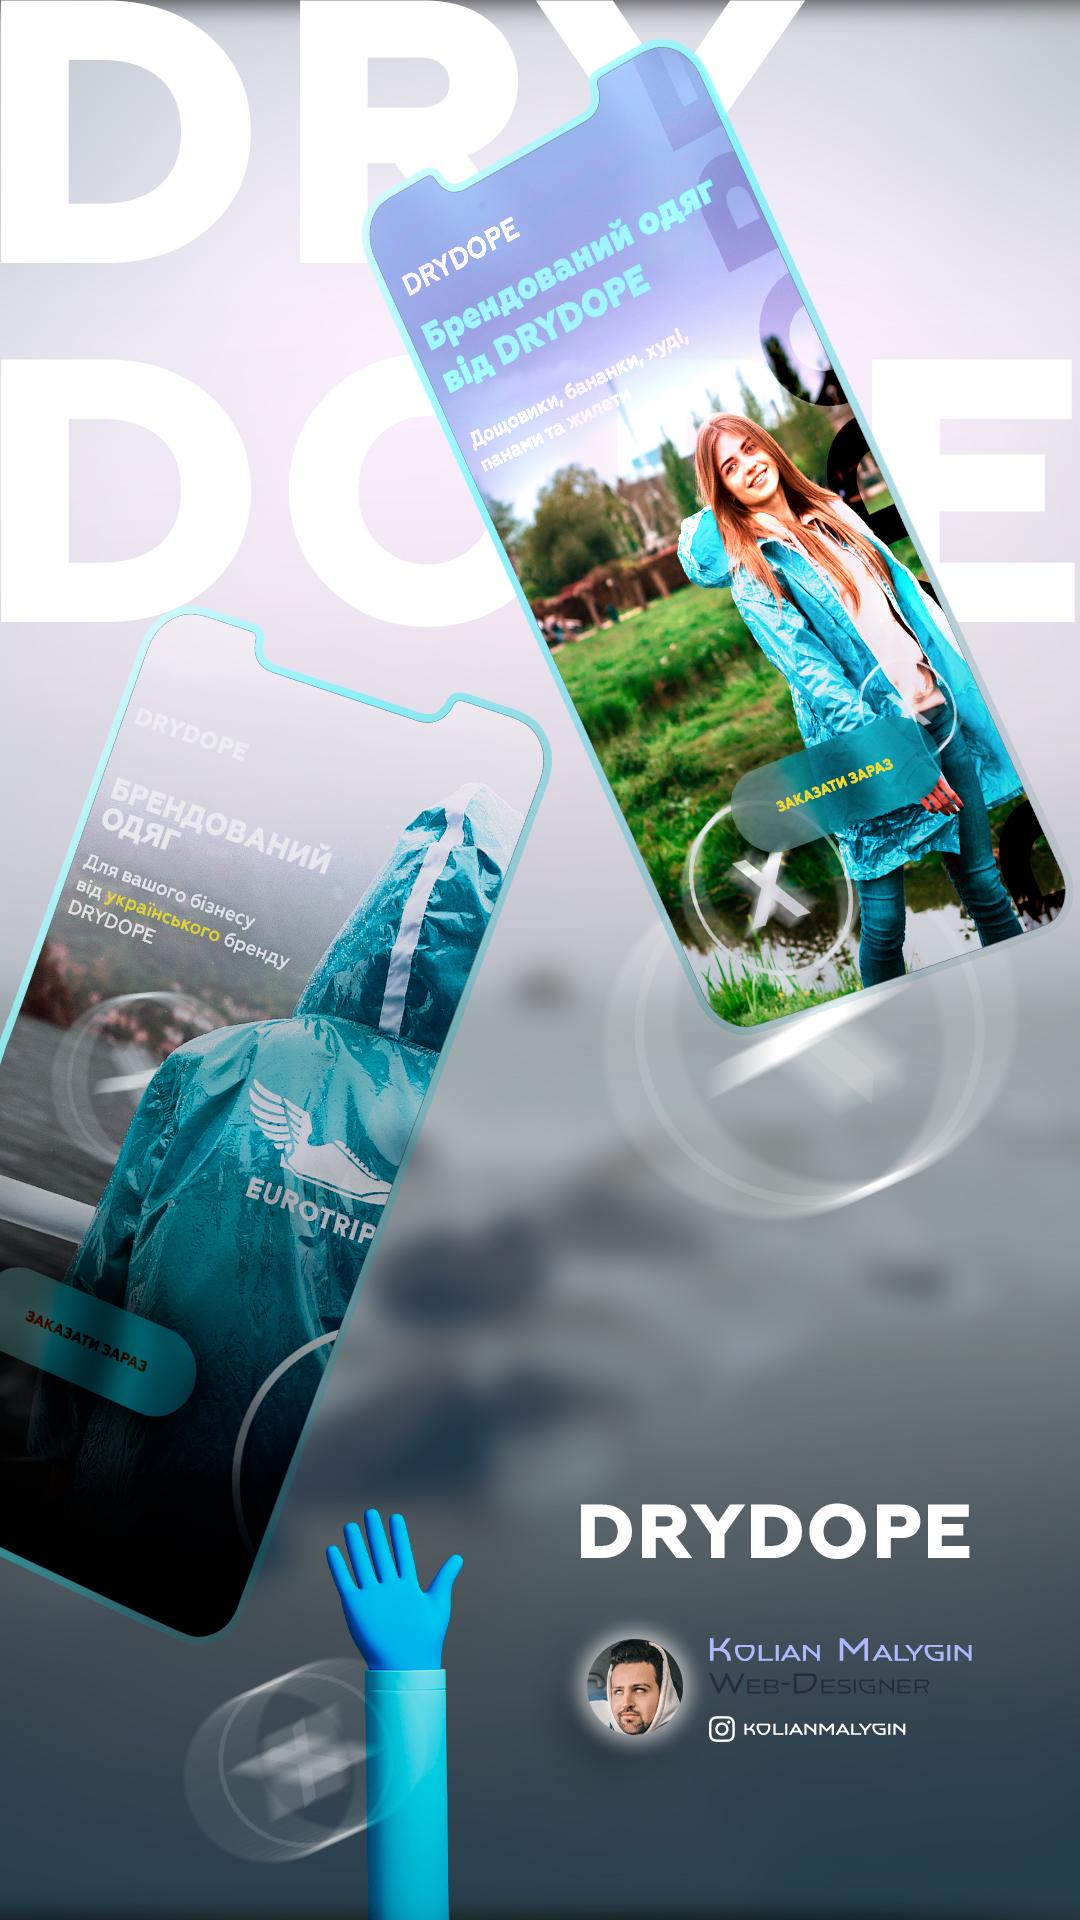 Фото Cómon Agency - агентство интернет-маркетинга. Уникальные конвертирующие креативные решения для таргетированной рекламы в Facebook и Instagram.